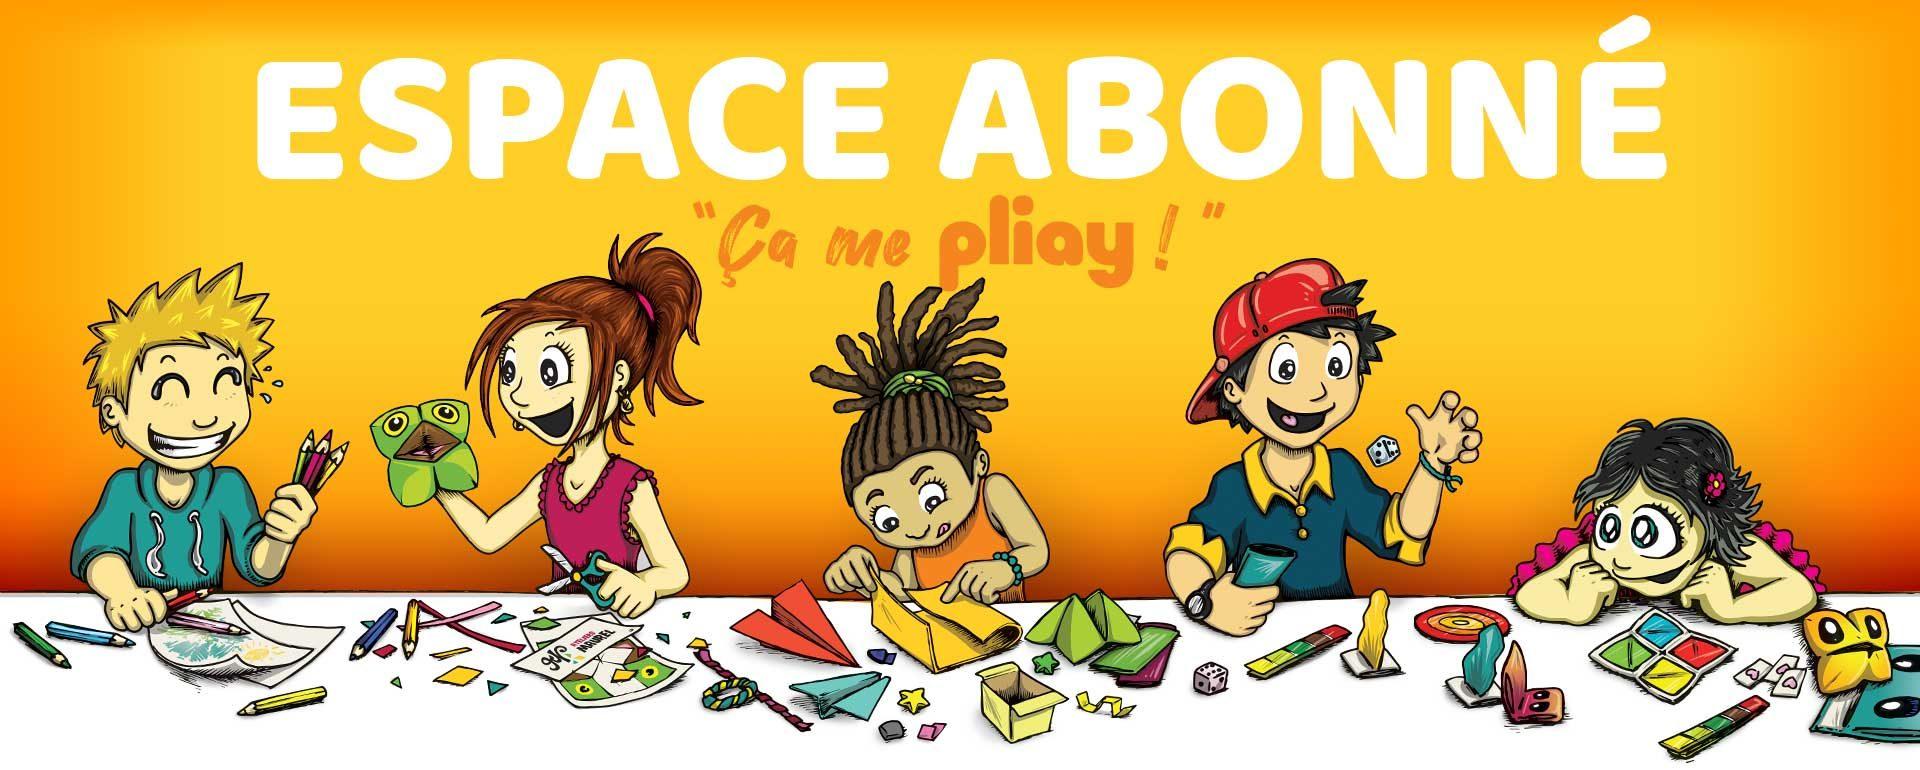 Enfants qui font des loisirs créatifs Pliay dans l'Espace Abonné